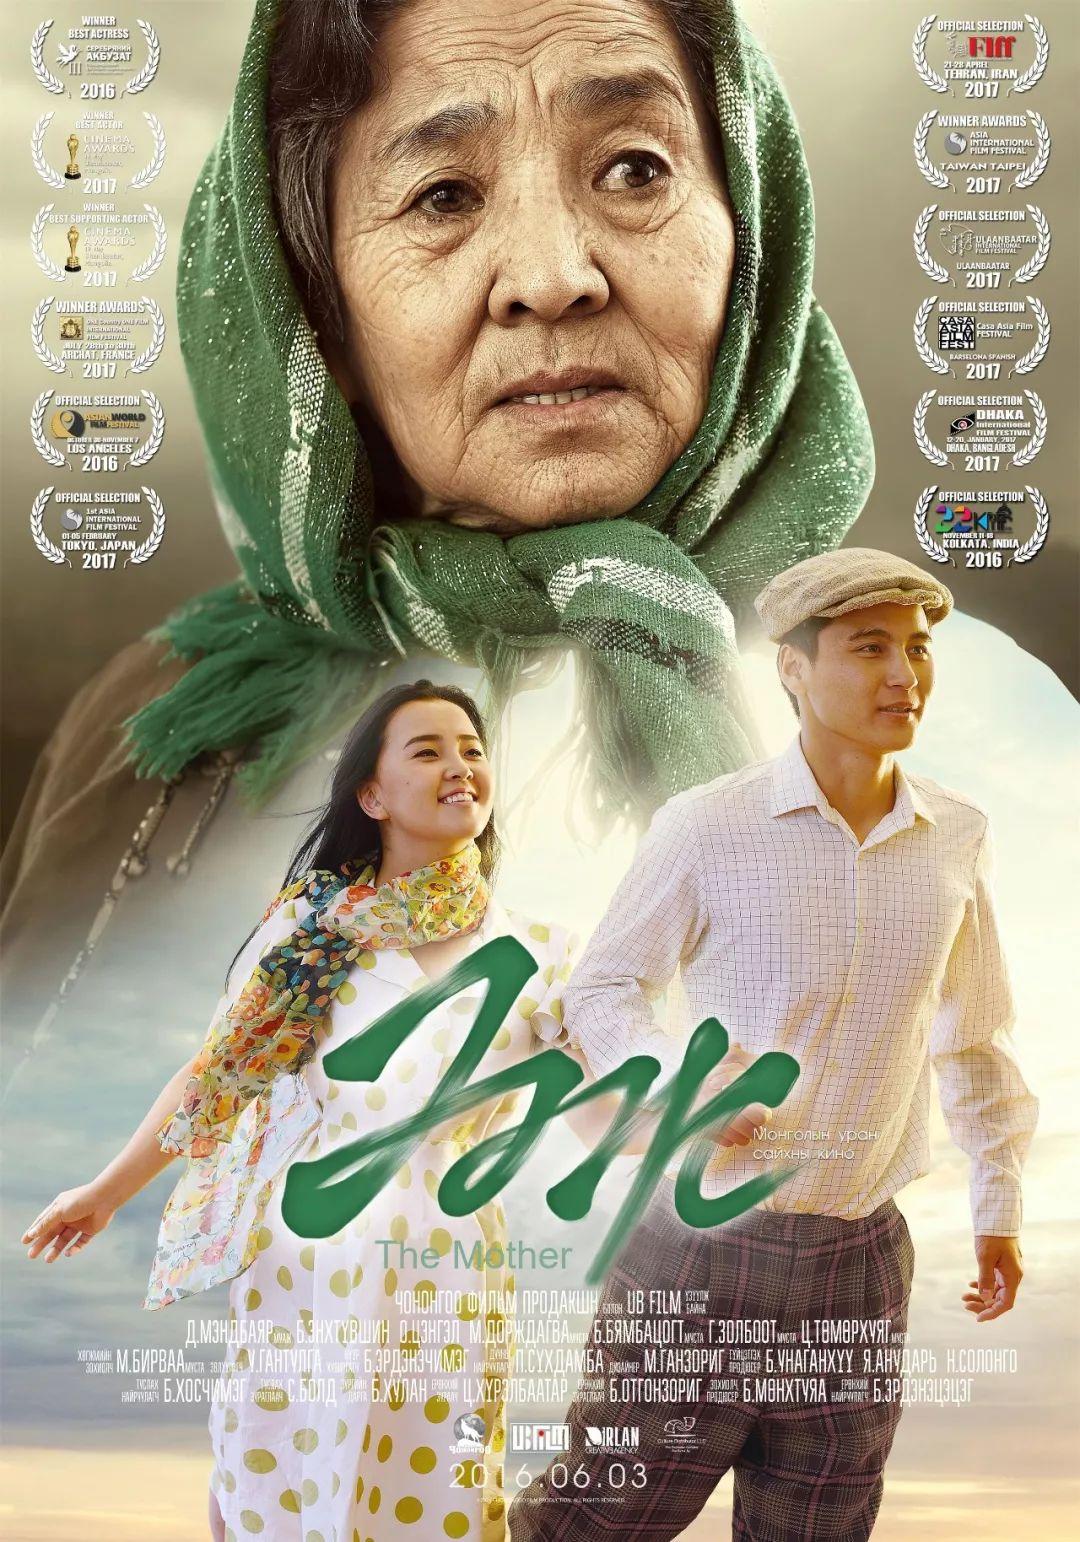 60部蒙古电影 部部都值得看 第161张 60部蒙古电影 部部都值得看 蒙古音乐